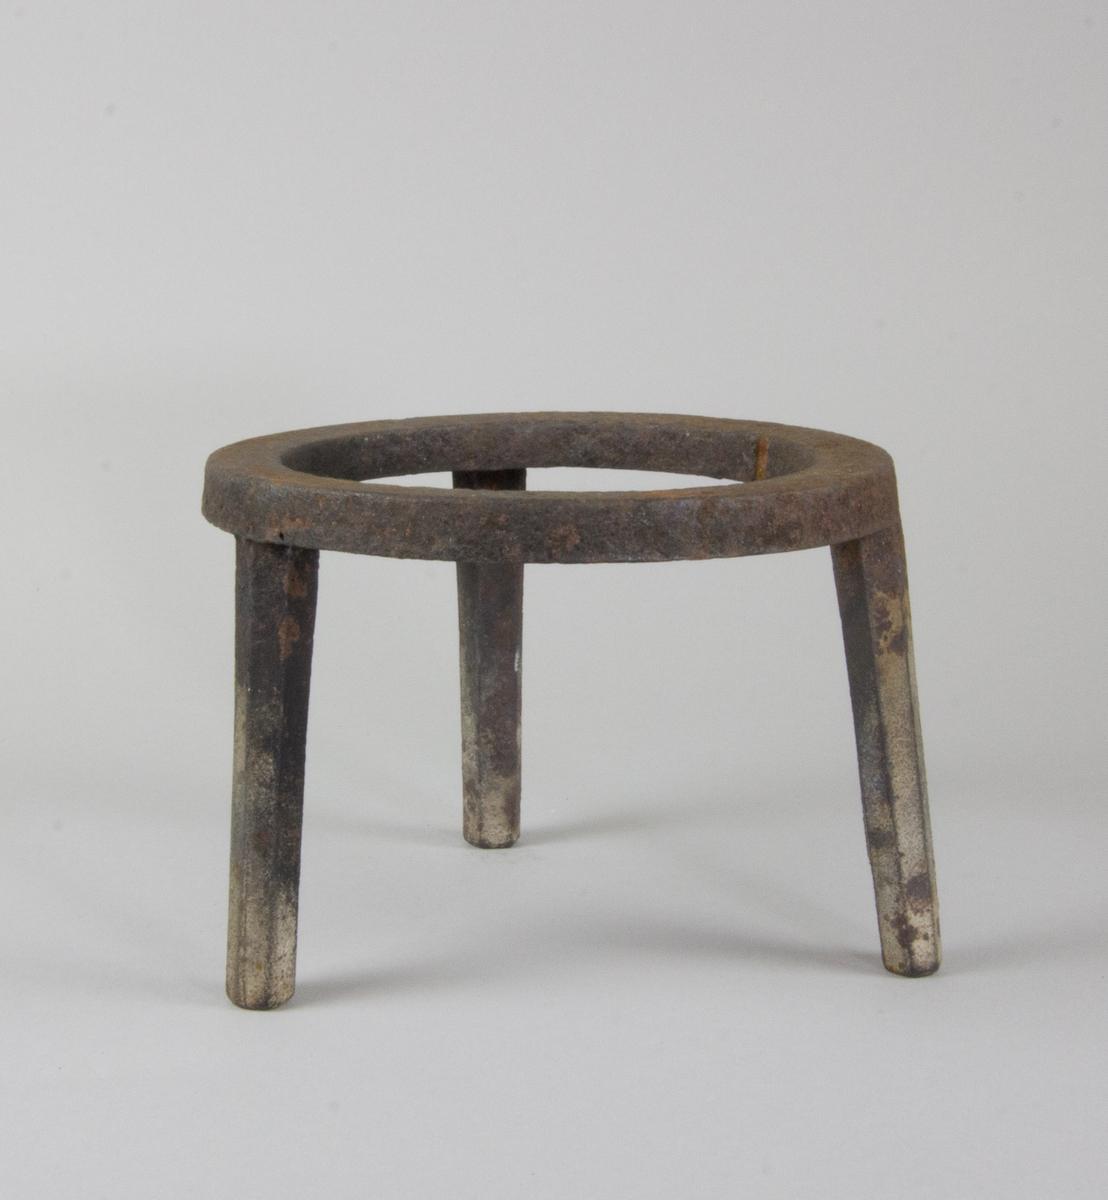 Trefot gjuten av järn. Med platt ring av järn på tre nedåt avsmalnande fötter.